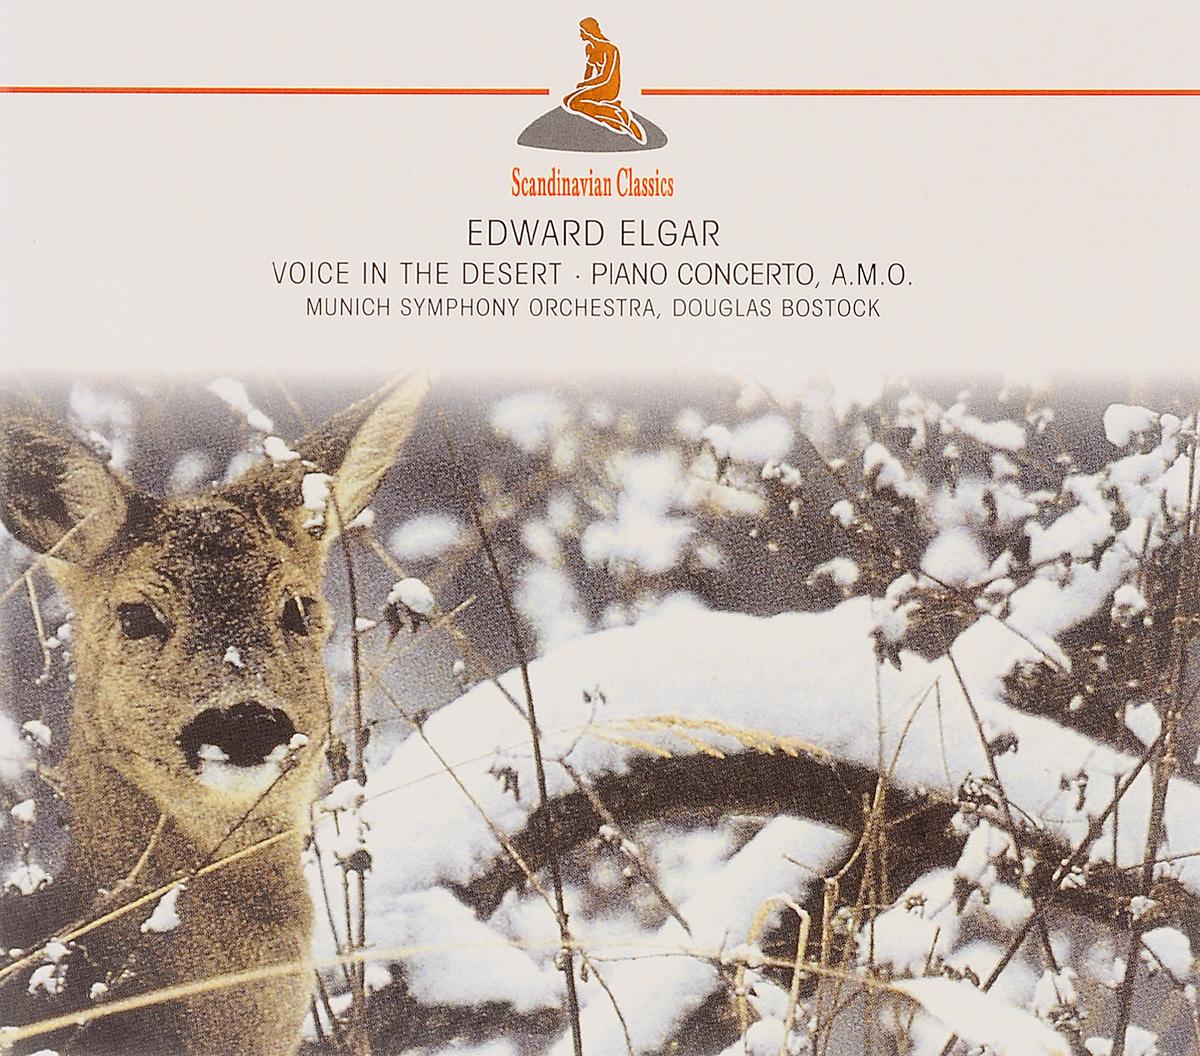 Дуглас Босток,Munich Symphony Orchestra Scandinavian Classics. Douglas Bostock, Munich Symphony Orchestra. Edward Elgar. Voice In The Desert / Piano Concerto, A.M.O.